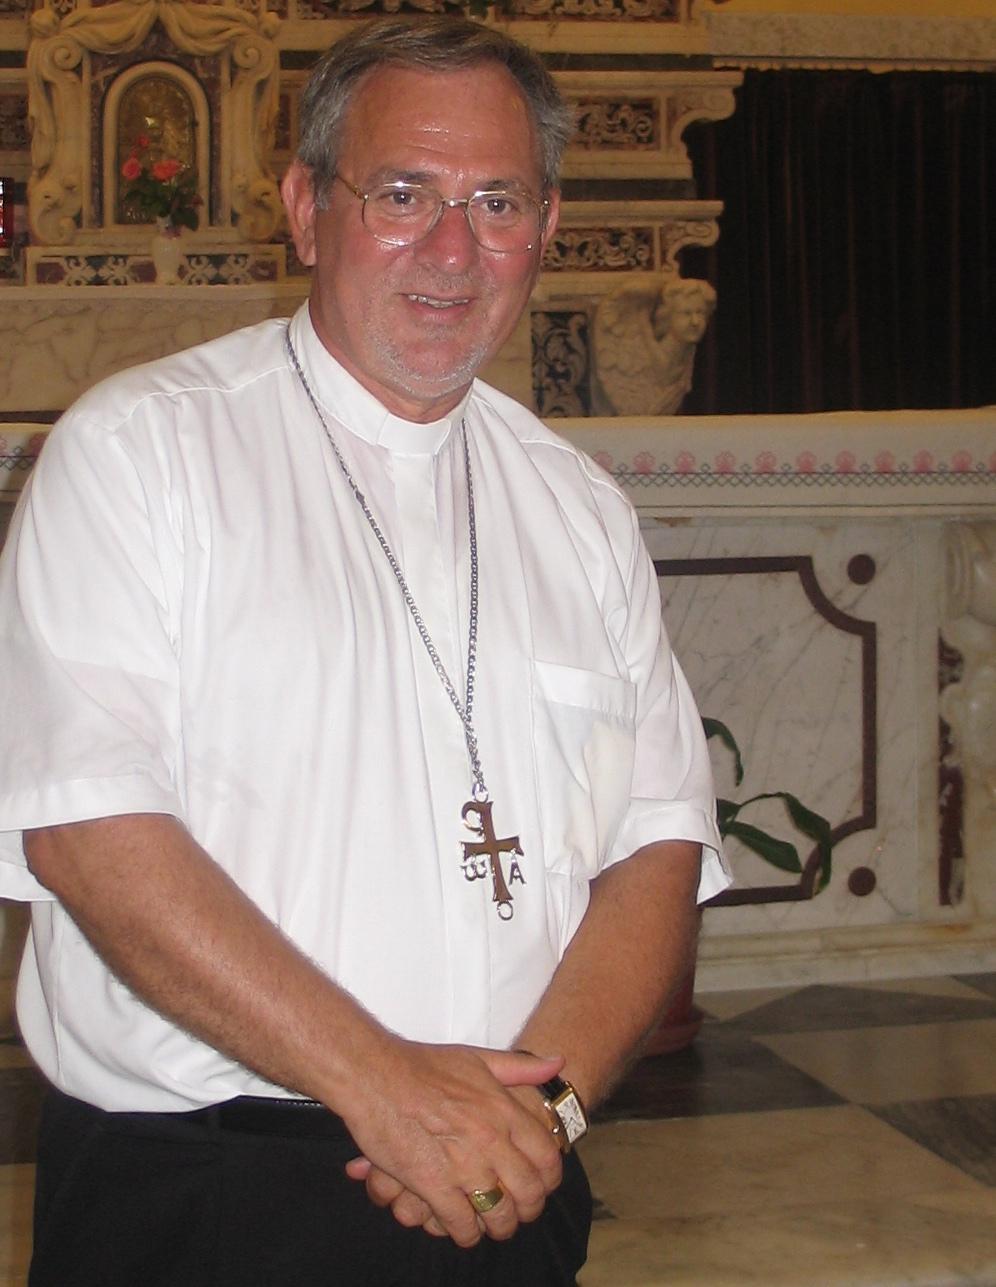 http://www.france-catholique.fr/IMG/arton4934.jpg